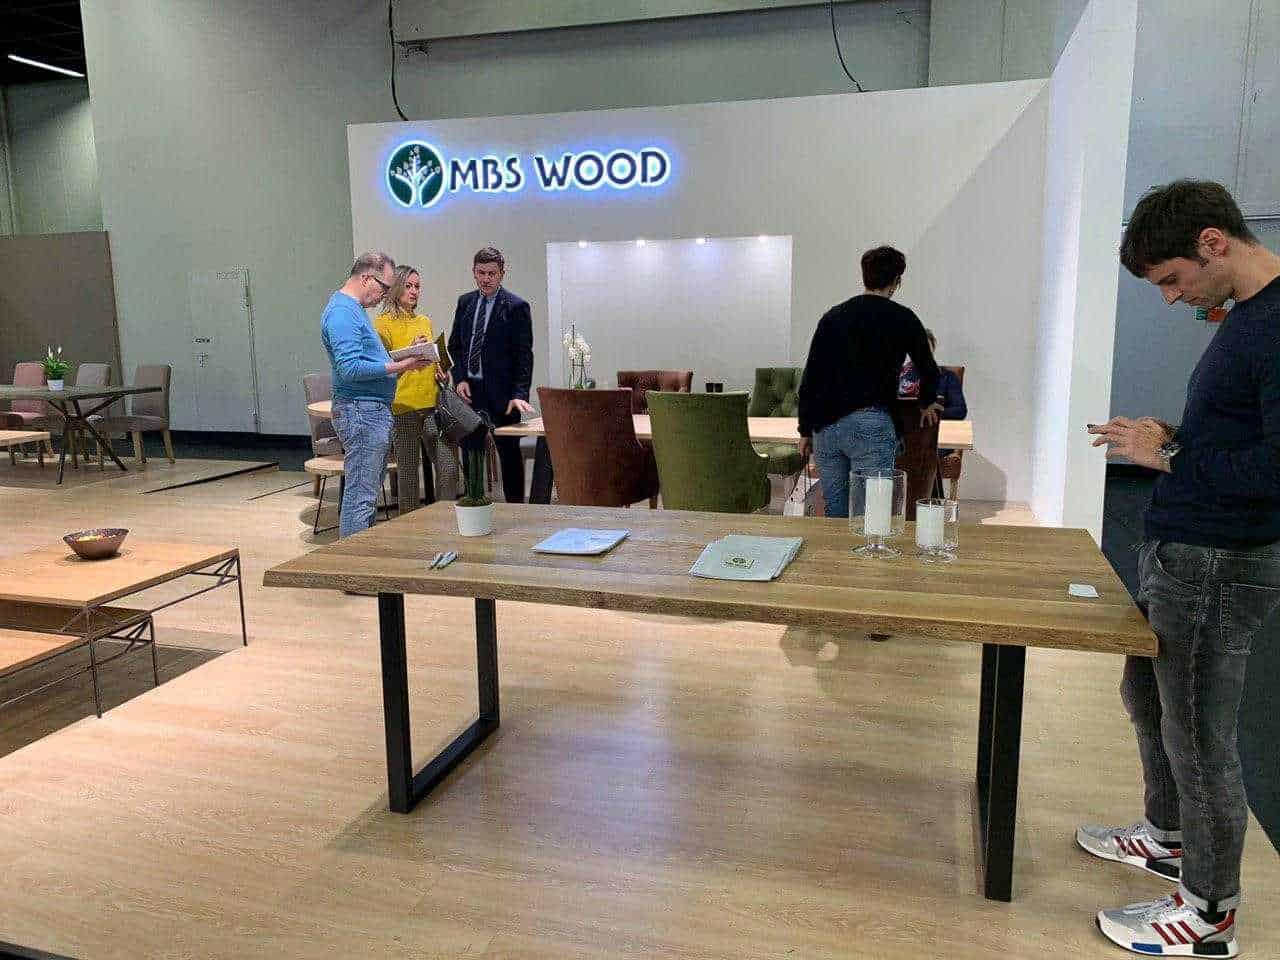 Meubels tentoonstelling houten tafels